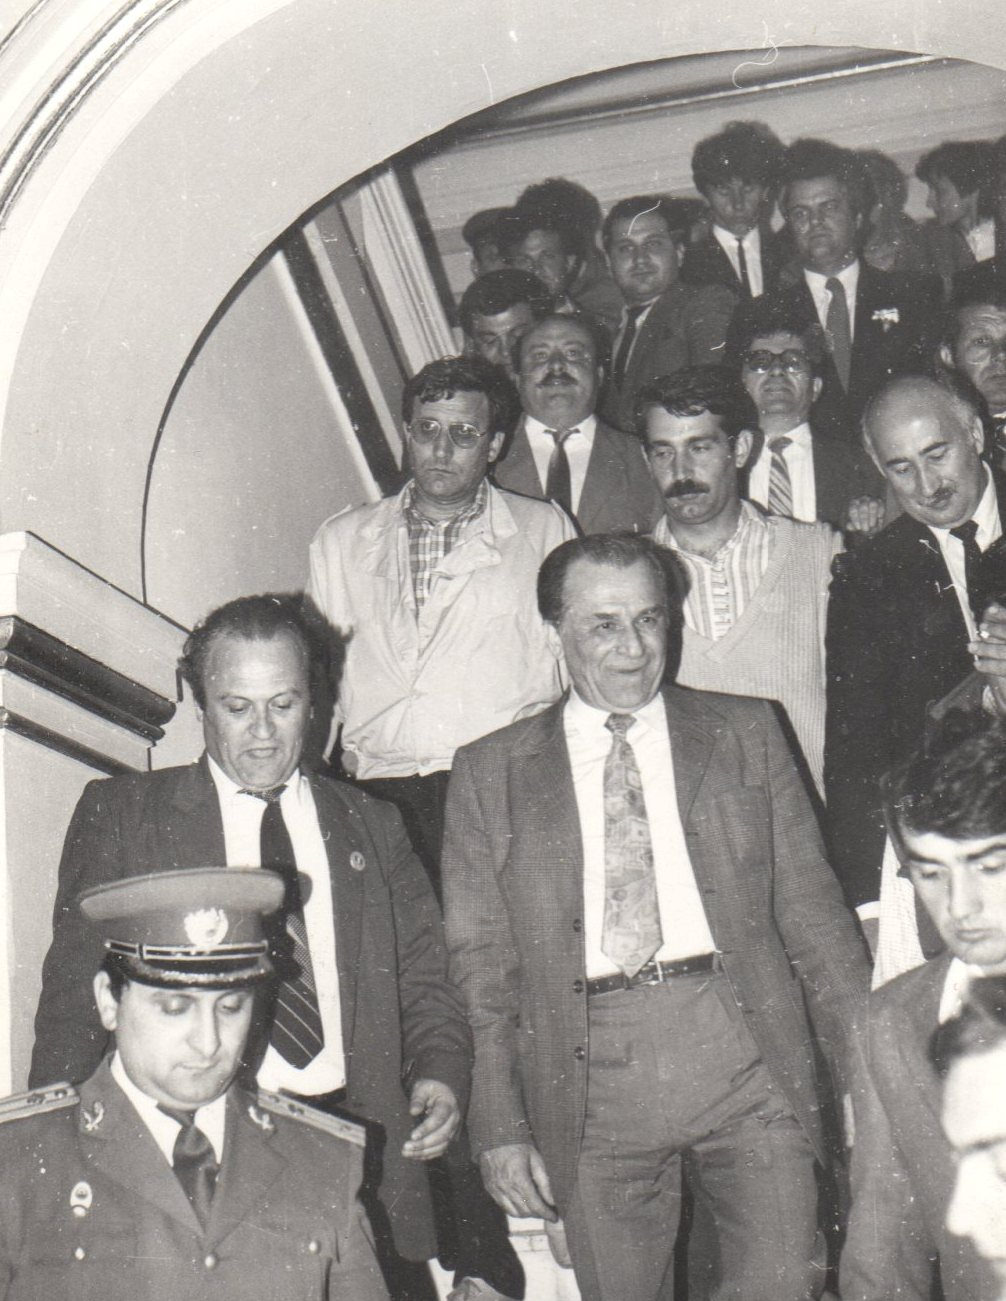 1990 - Doru Ioan Tărăcilă alături de Ion Iliescu și procurorul militar Dan Voinea (în uniformă)